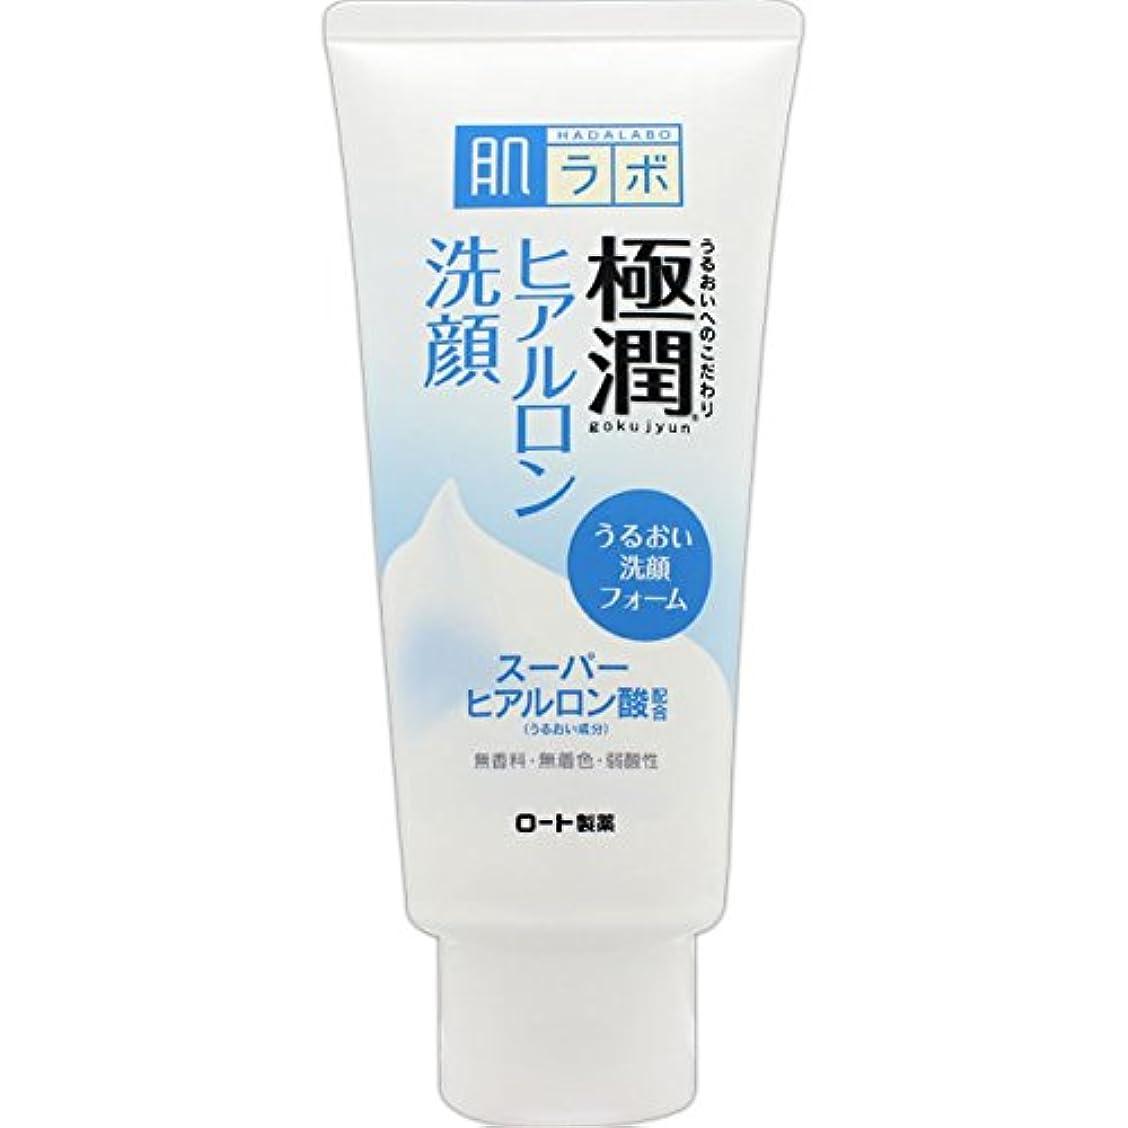 旅行者貪欲分析する肌ラボ 極潤 ヒアルロン洗顔フォーム スーパーヒアルロン酸&吸着型ヒアルロン酸をW配合 100g